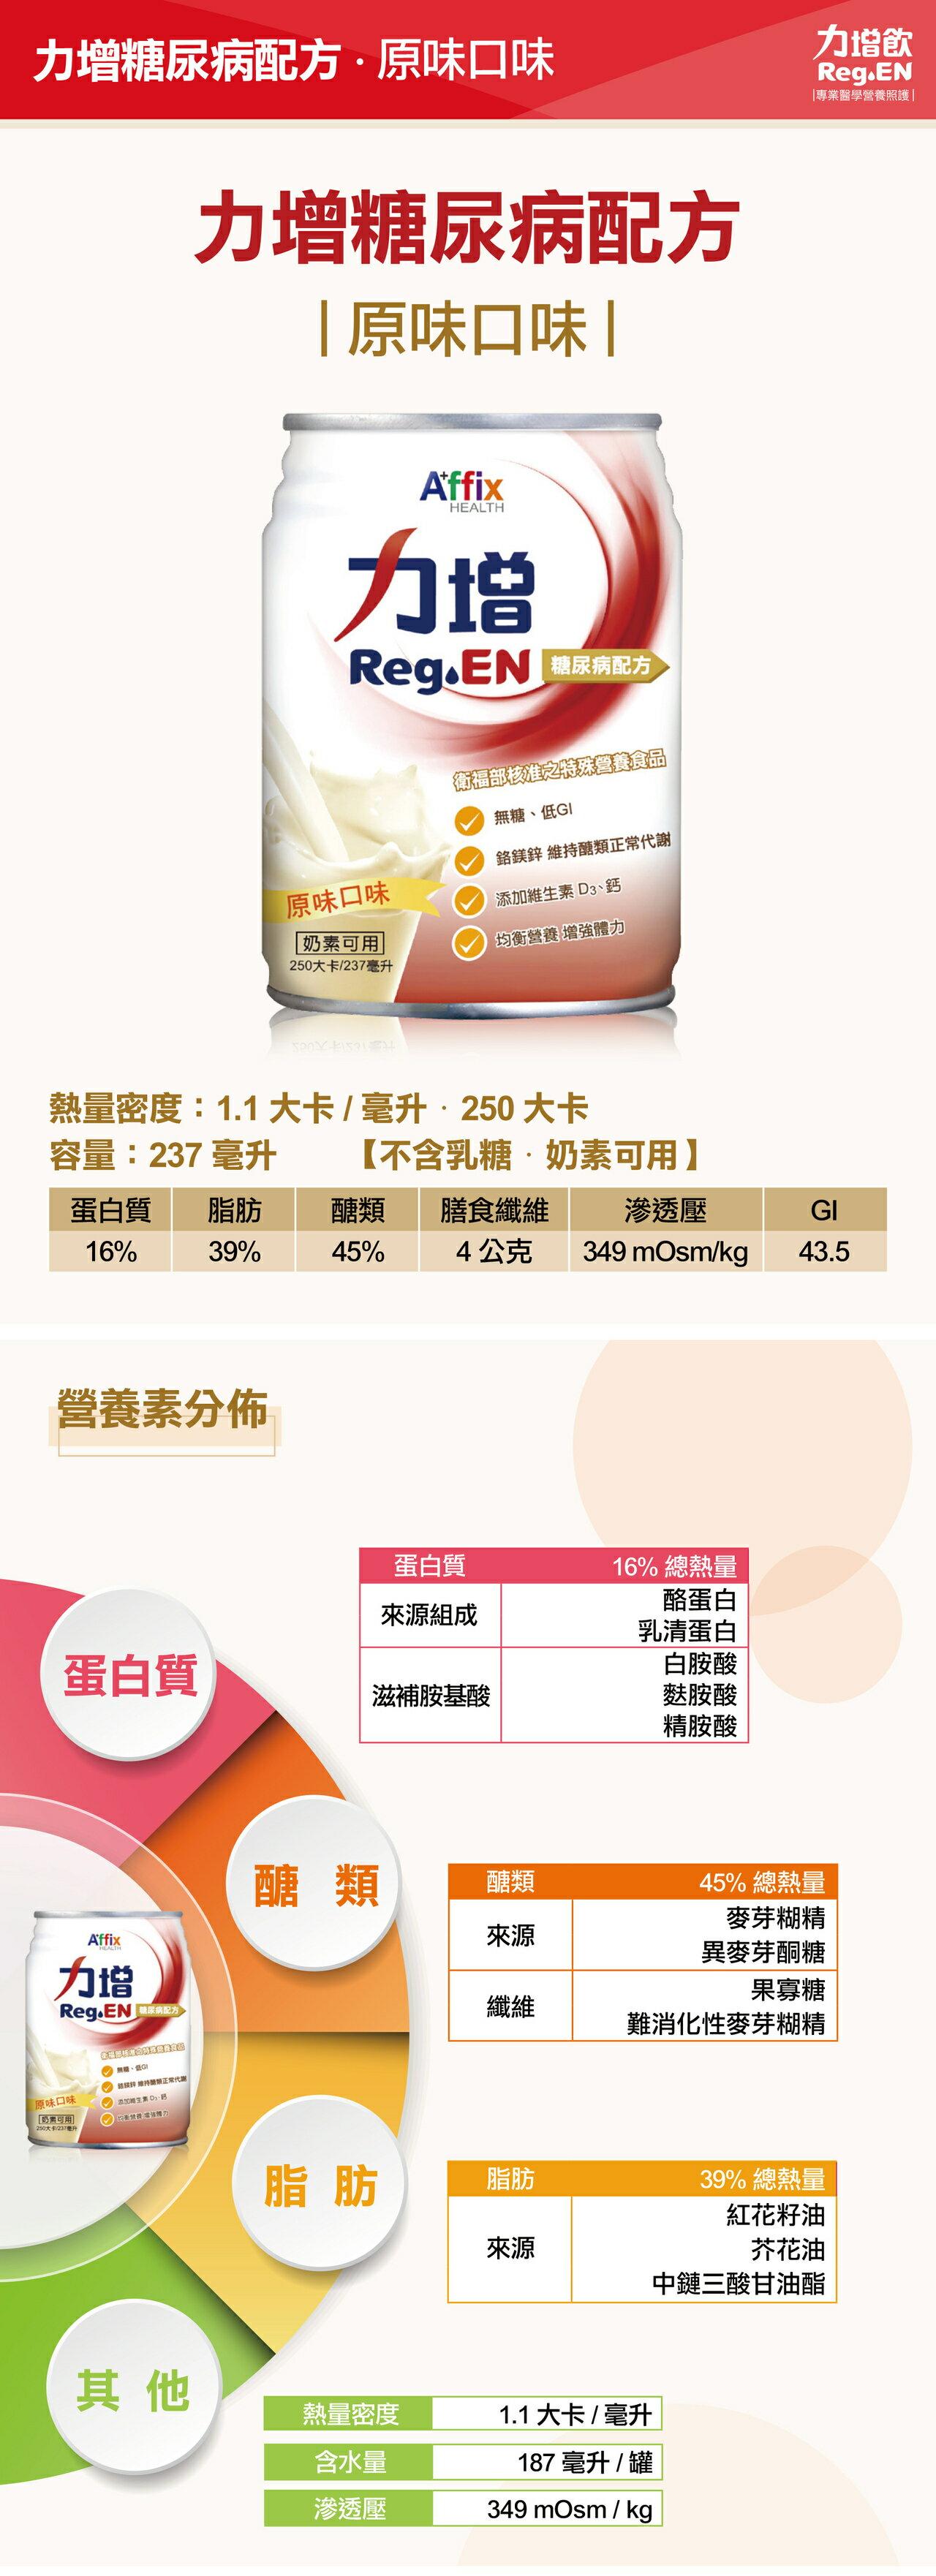 (平均一箱1200元) 力增飲 糖尿病配方 原味口味(2+1特惠組,共3箱) 光點藥局 2009797